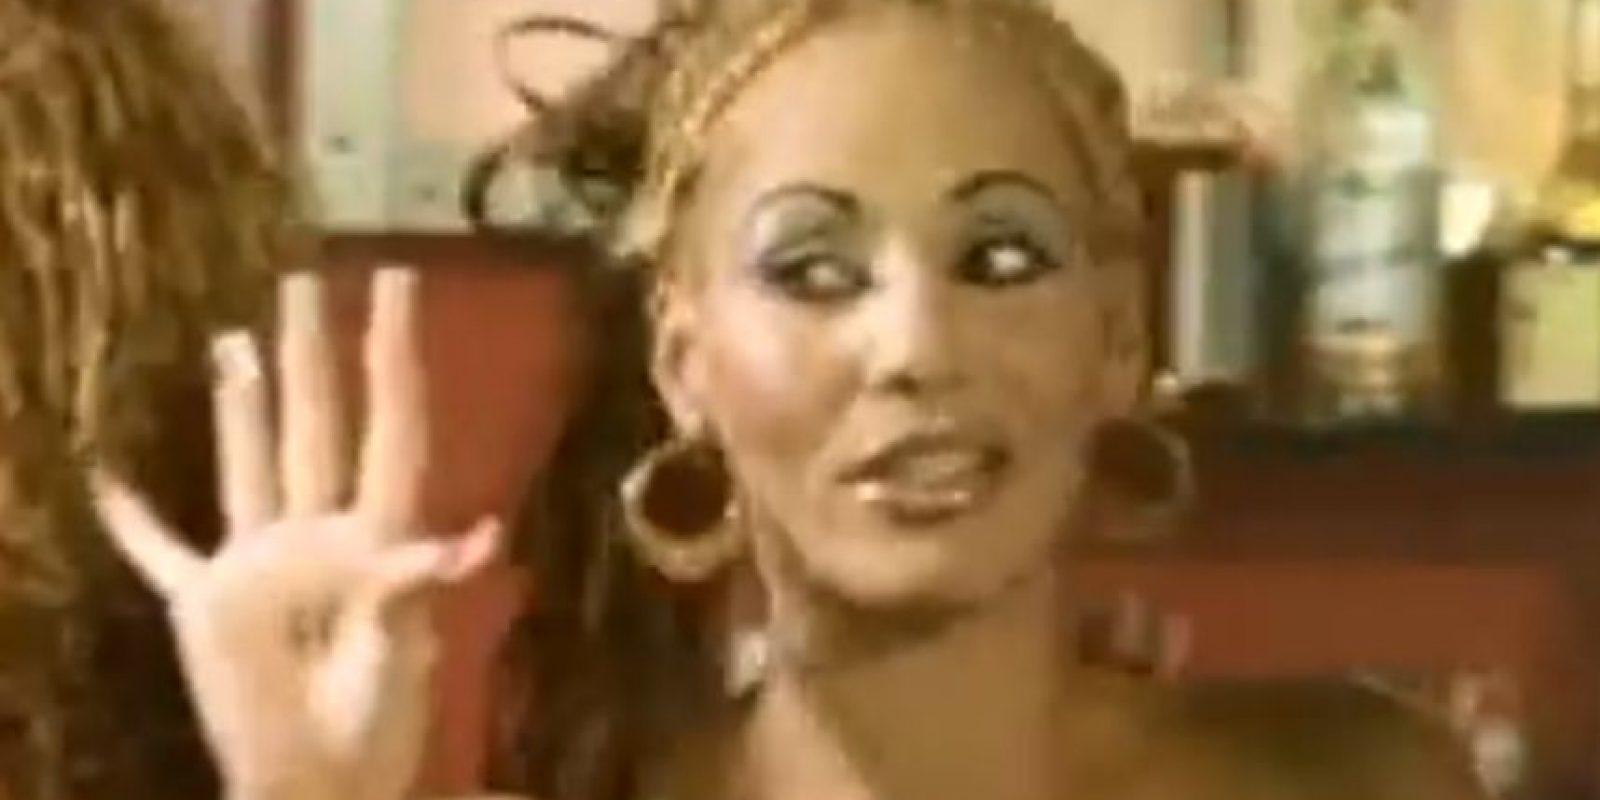 """Cuando regresó a Puerto Rico, entró en contacto con DJ Negro, quien la incluyó en su proyecto """"Noise"""". Allí escribió una cancikón muy famosa: """"Somos raperos pero no delincuentes"""". Foto:vía Youtube"""